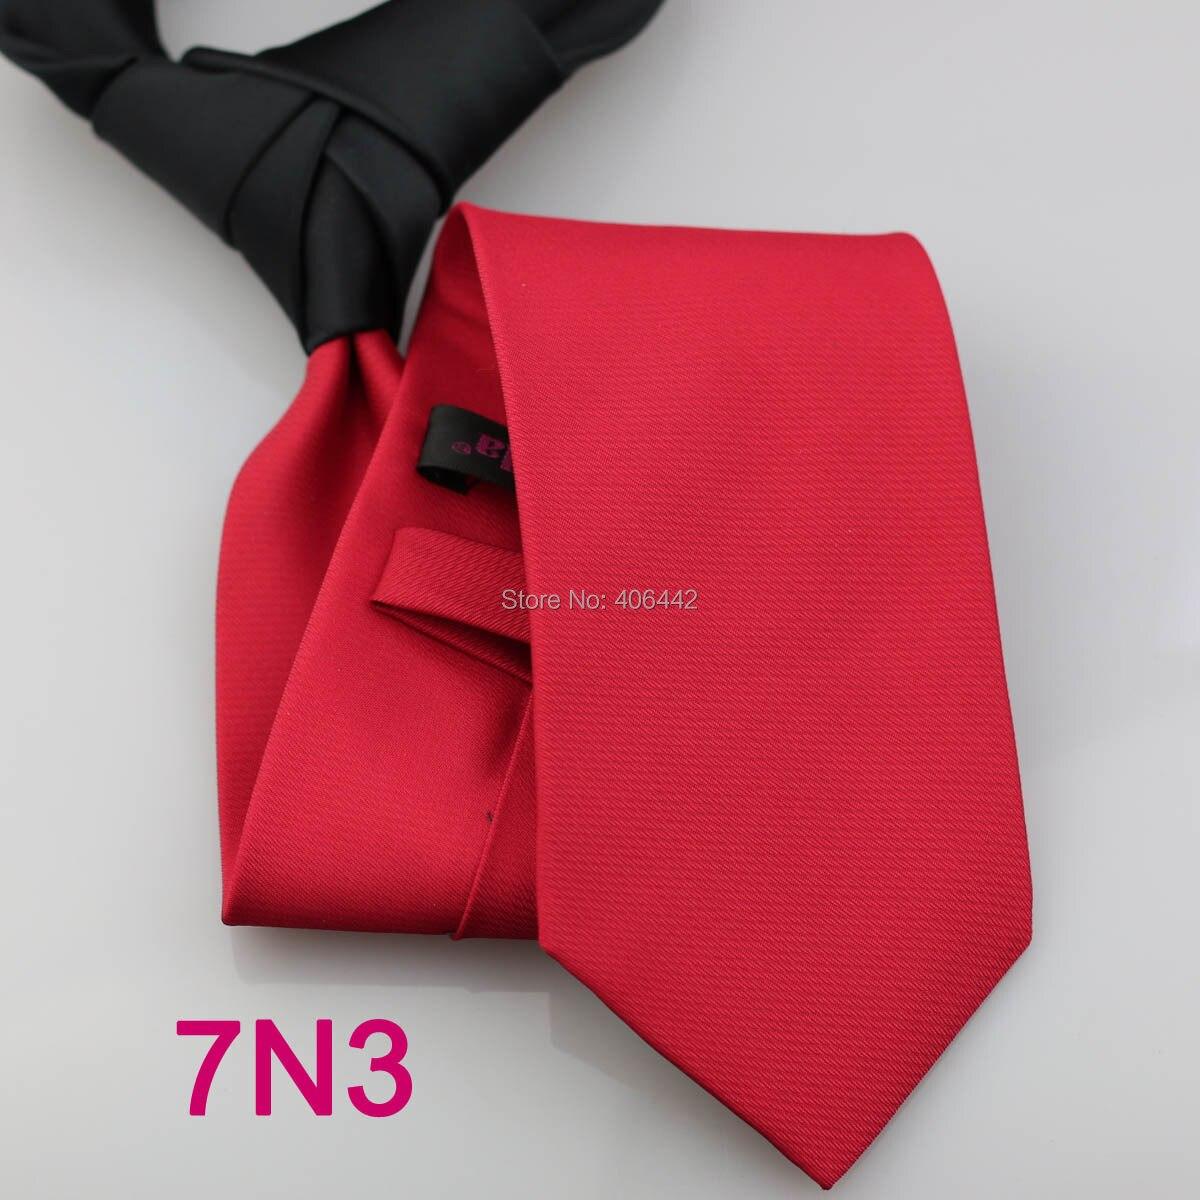 incontrare buona consistenza comprare bene US $7.7 30% di SCONTO|Legami Yibei Coachella Nero A Contrasto Nodo Formale  gravata Microfibra cravatte Rosse Two Tone corbata Patchwork cravatta al ...